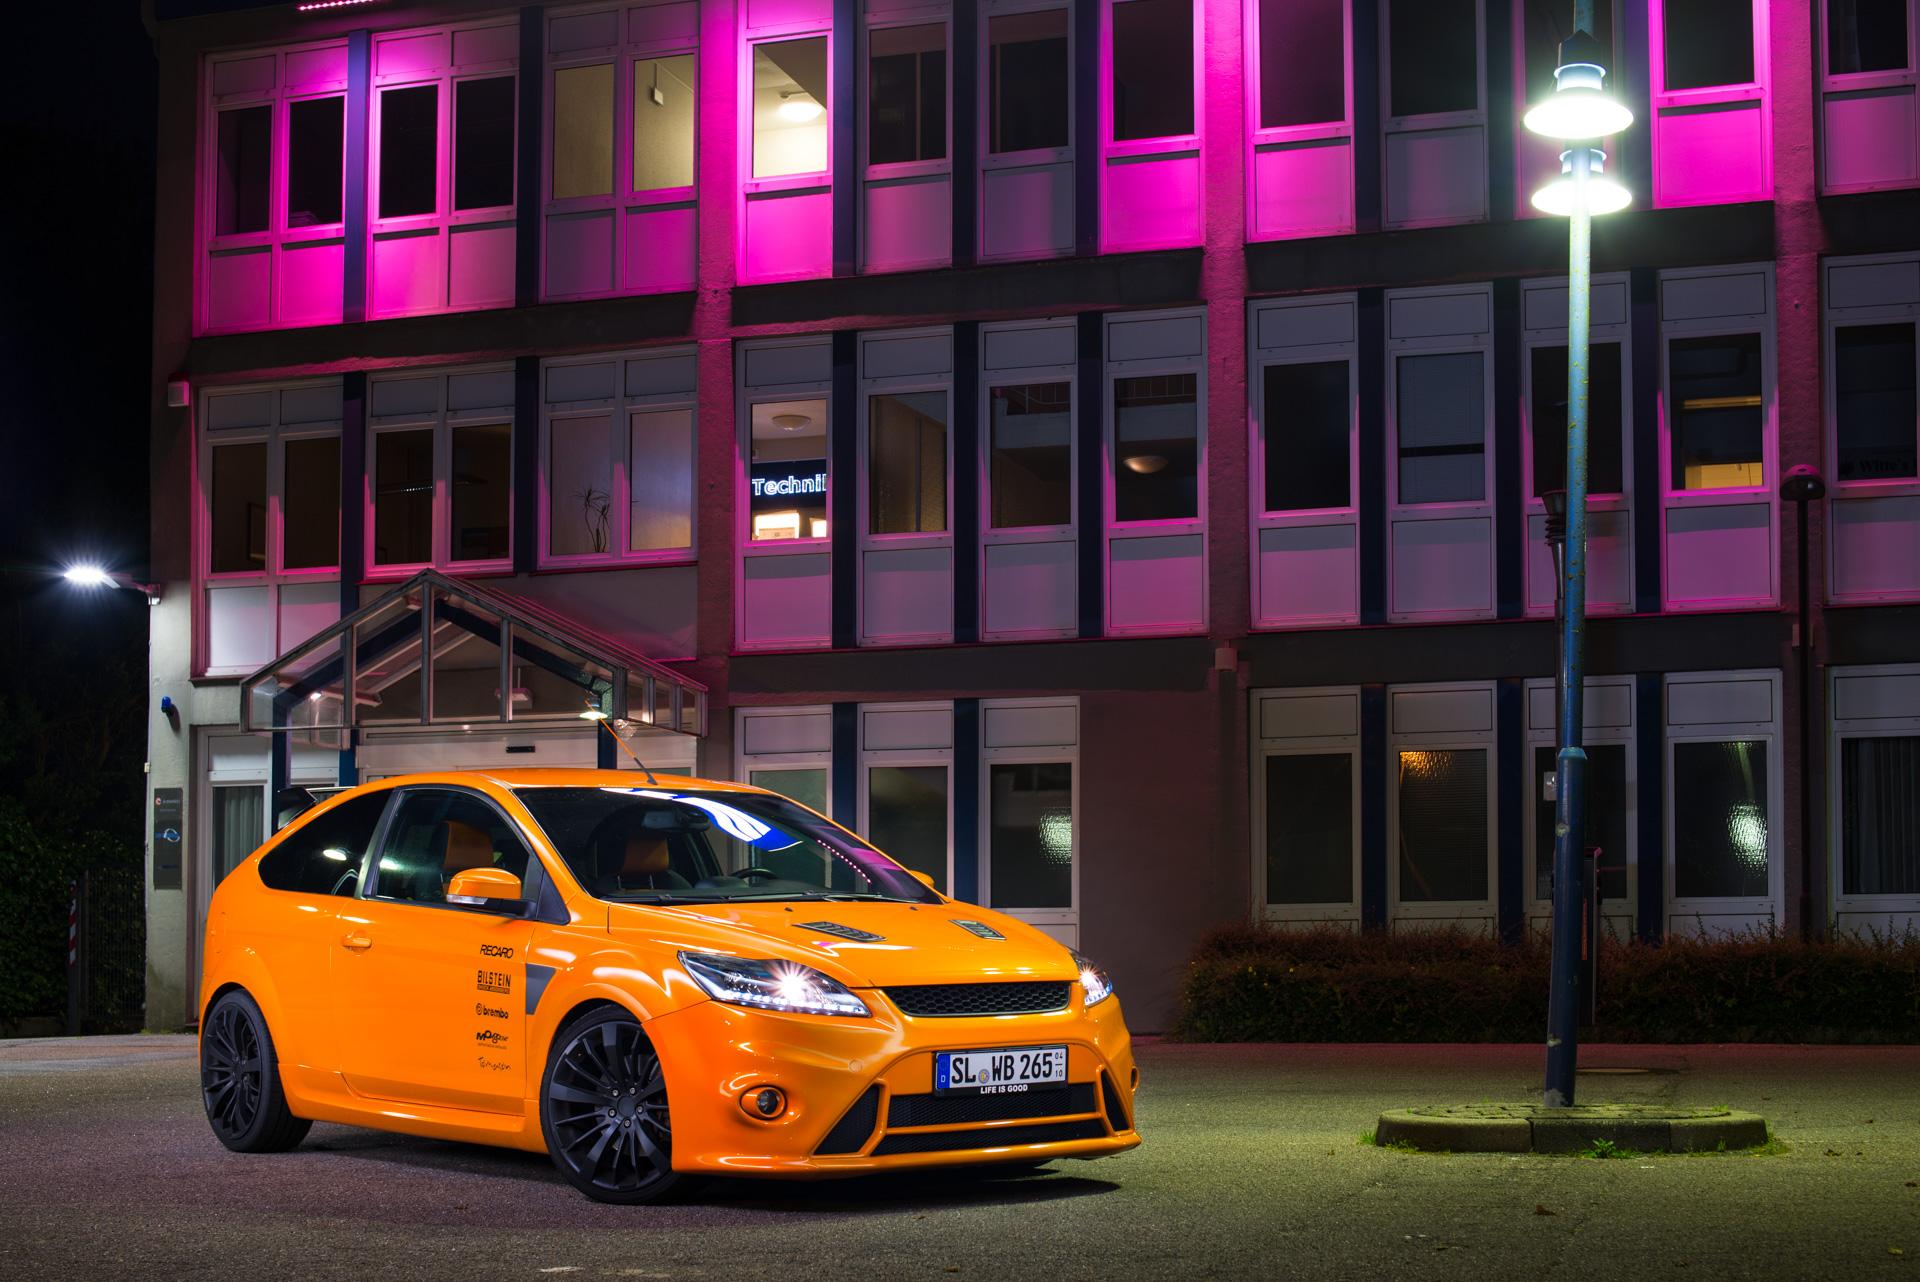 Ford Focus ST MK2 Tuning: Hier ist nichts mehr, wie es mal war. Willy zeigt: Tunen ist mehr als nur Felgen und Fahrwerk.